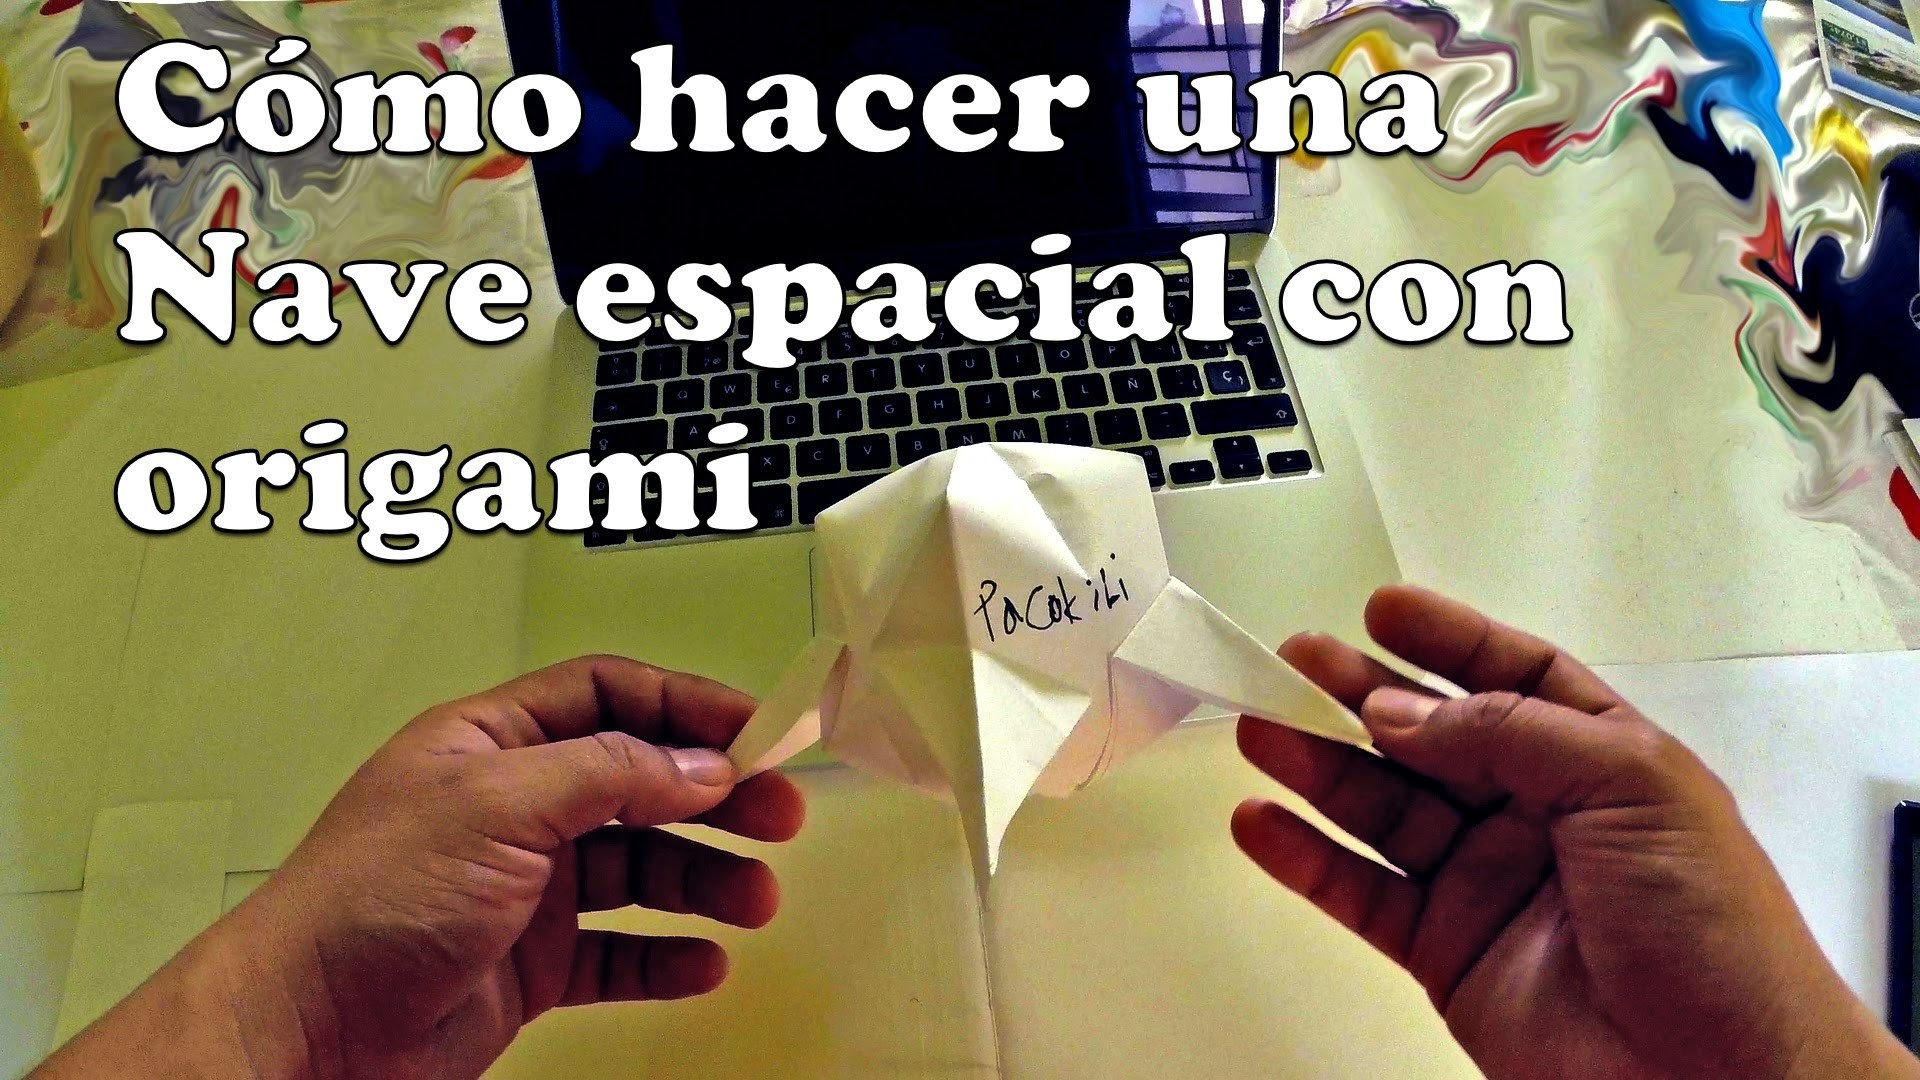 Cómo hacer una Nave espacial con una hoja de papel - Origami